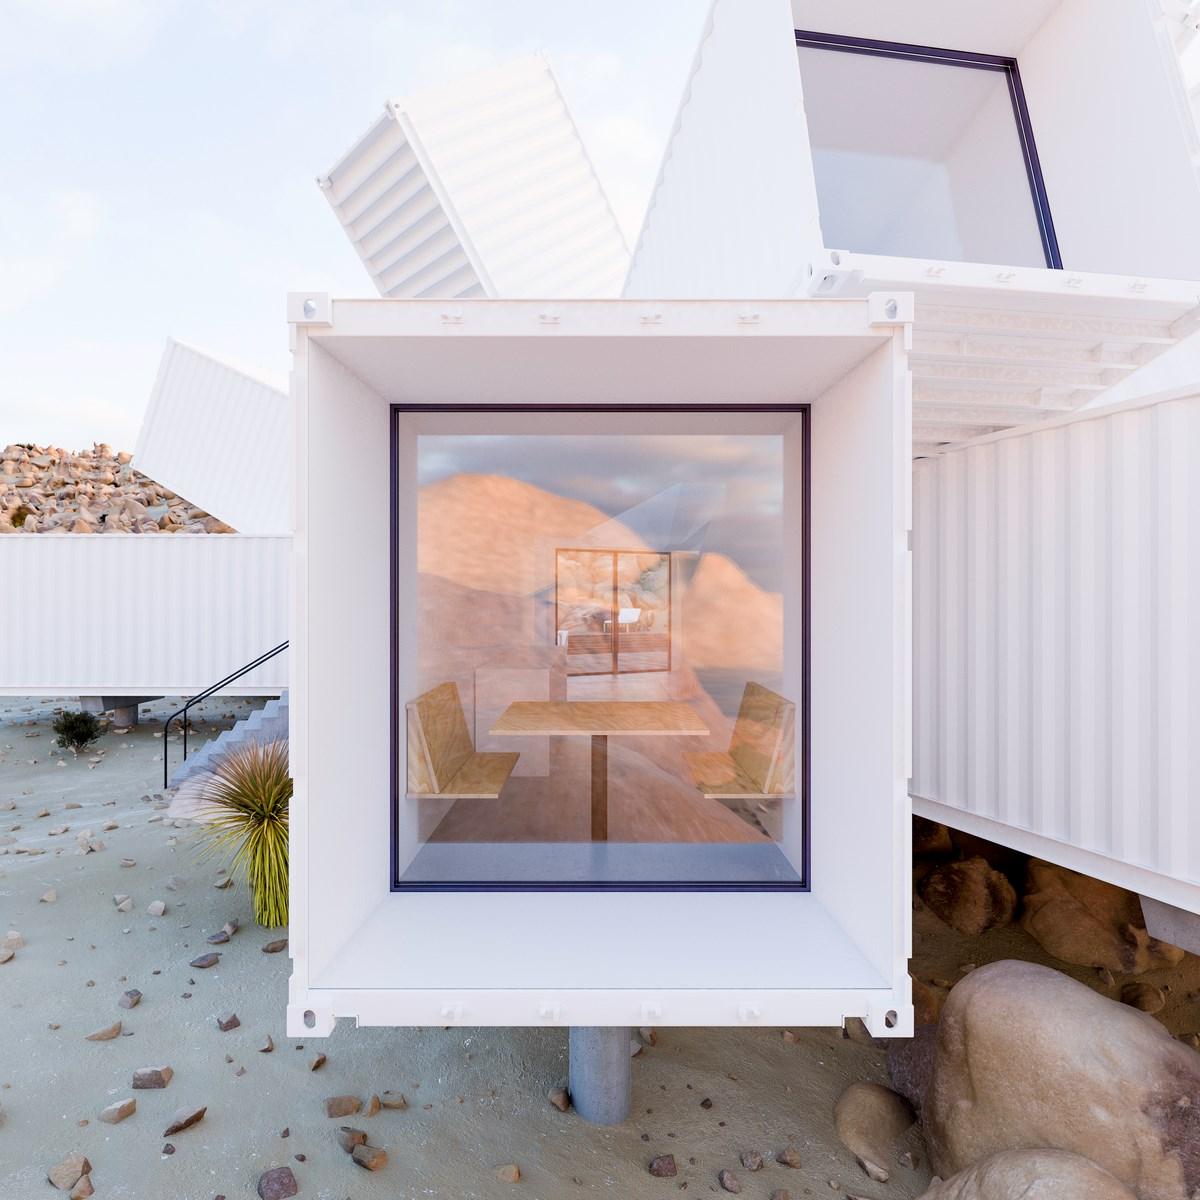 Cristal de Container - Ubicada en Joshua Tree, en California, Estados Unidos, esta vivienda crece en una ladera de montaña.